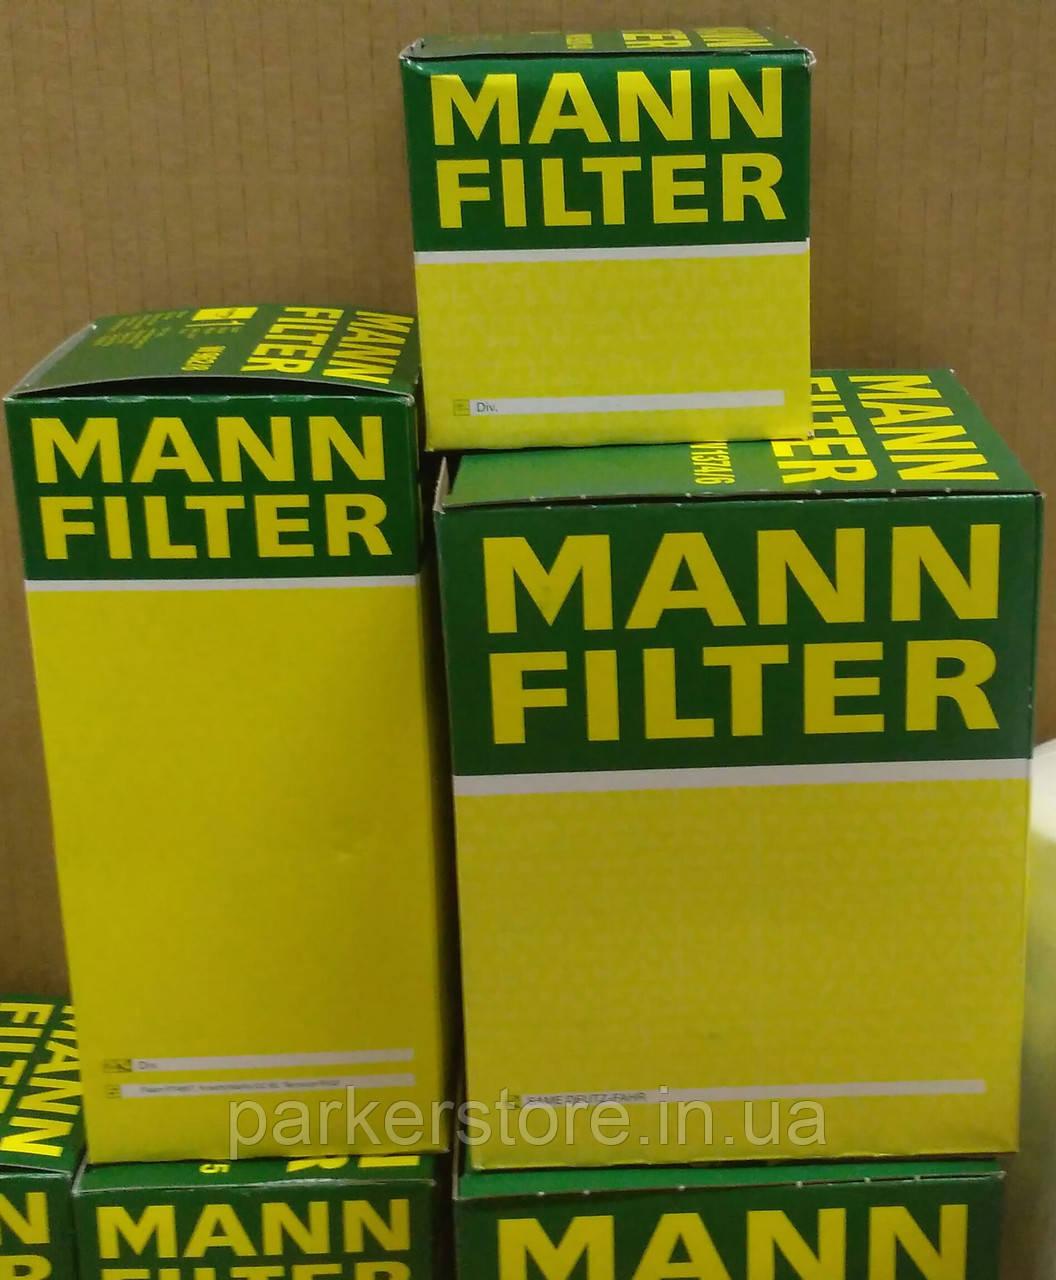 MANN FILTER / Повітряний фільтр / C 16 190/3 x / C16190/3x